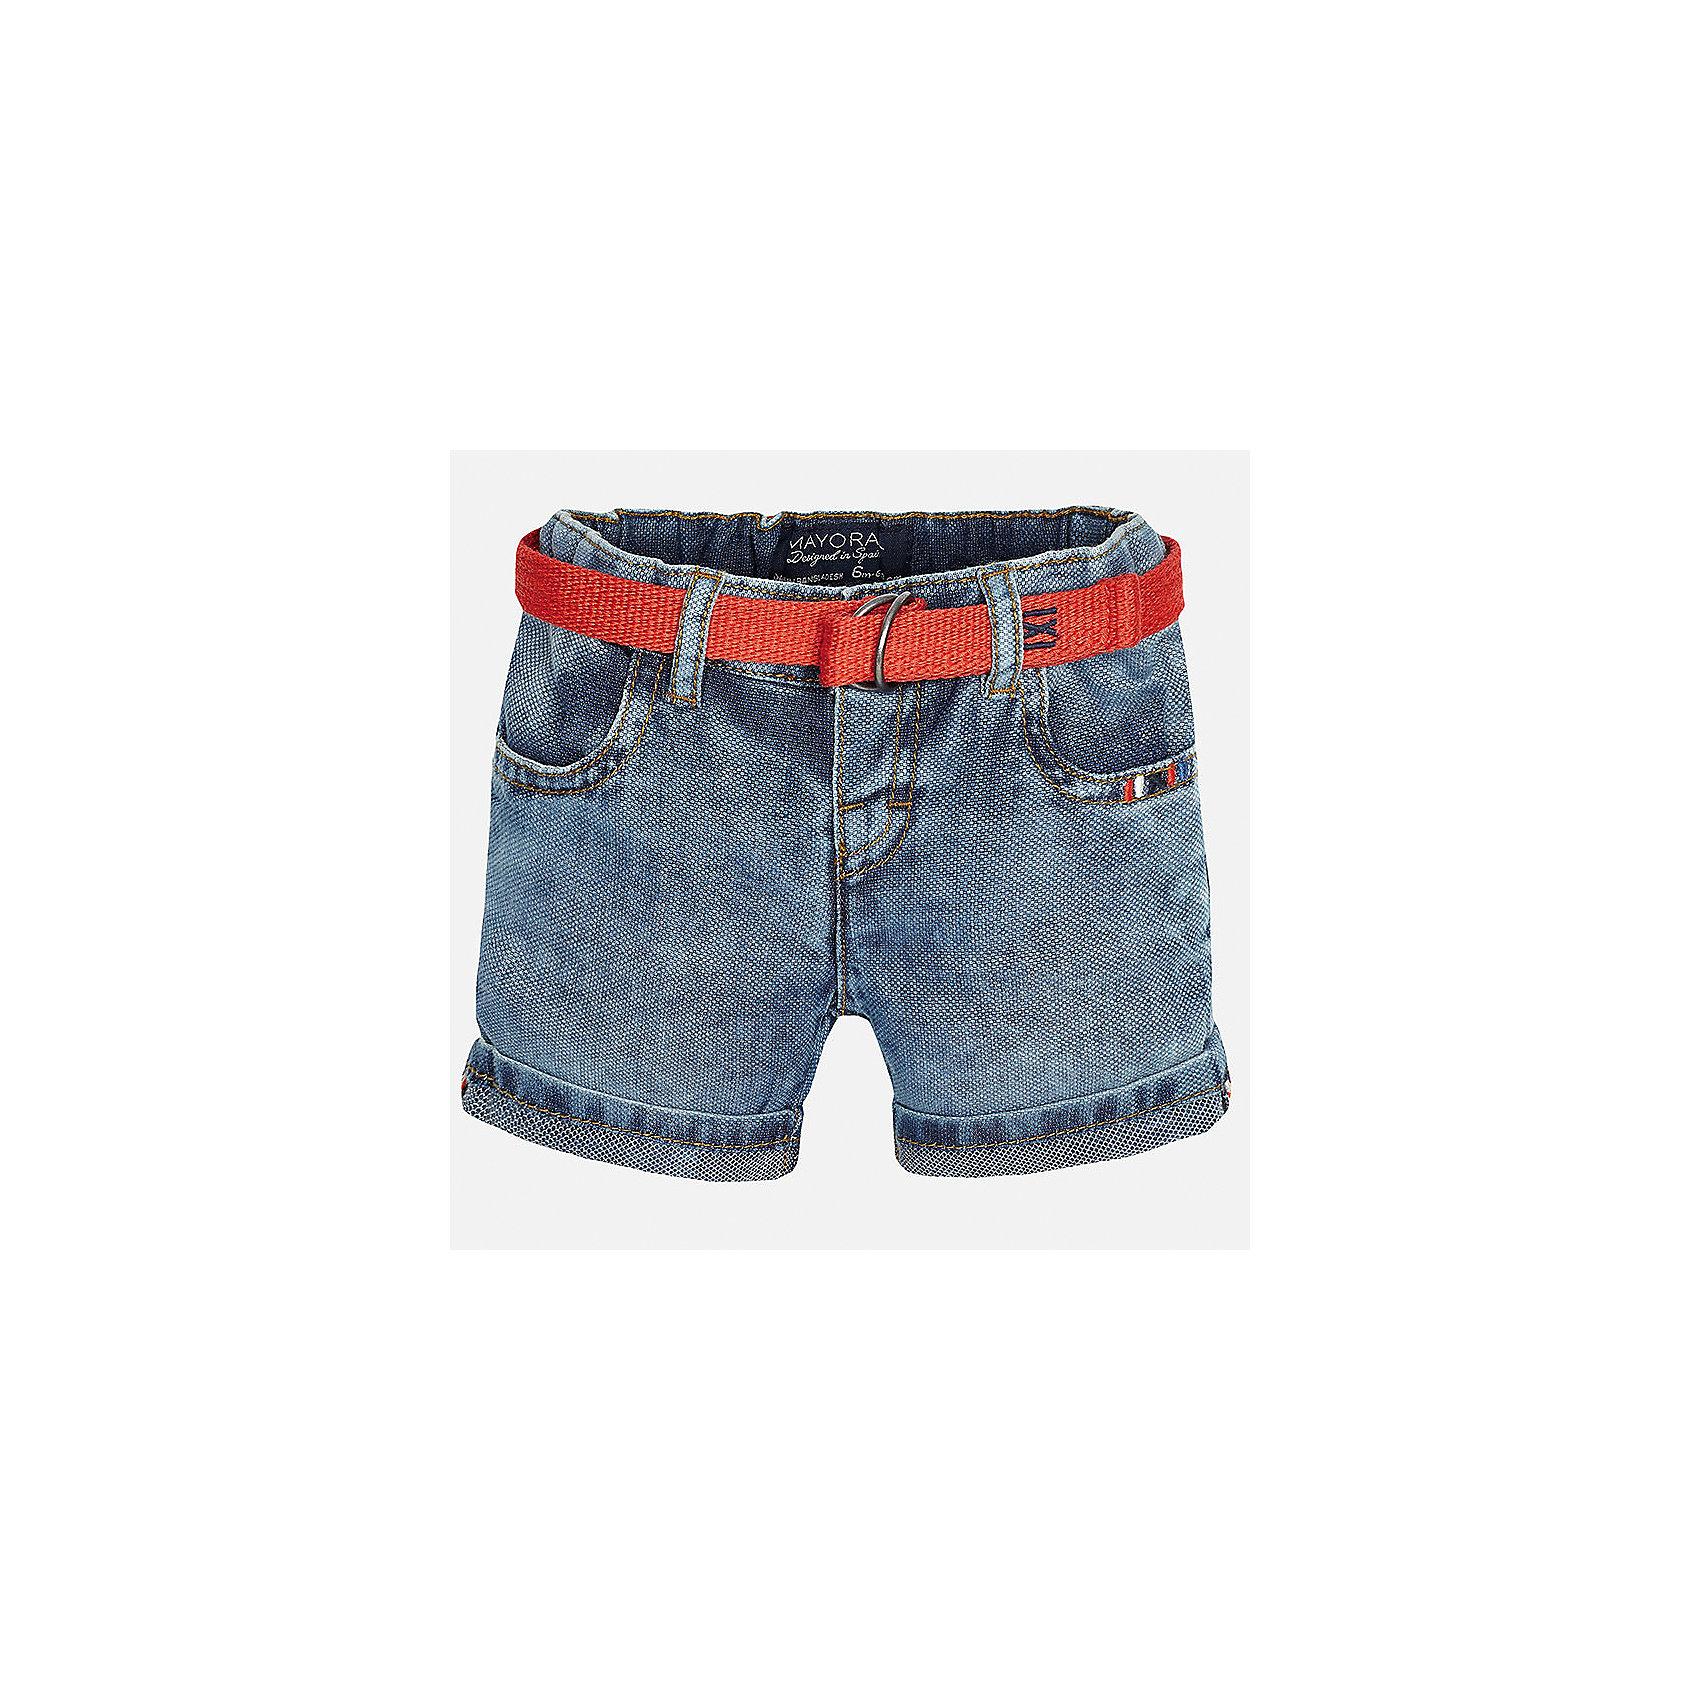 Бриджи джинсовые для мальчика MayoralДжинсовая одежда<br>Характеристики товара:<br><br>• цвет: синий<br>• состав: 100% хлопок<br>• шлевки<br>• карманы<br>• пояс с регулировкой объема<br>• имитация потертостей<br>• страна бренда: Испания<br><br>Модные бриджи для мальчика смогут стать базовой вещью в гардеробе ребенка. Они отлично сочетаются с майками, футболками, рубашками и т.д. Универсальный крой и цвет позволяет подобрать к вещи верх разных расцветок. Практичное и стильное изделие! В составе материала - только натуральный хлопок, гипоаллергенный, приятный на ощупь, дышащий.<br><br>Одежда, обувь и аксессуары от испанского бренда Mayoral полюбились детям и взрослым по всему миру. Модели этой марки - стильные и удобные. Для их производства используются только безопасные, качественные материалы и фурнитура. Порадуйте ребенка модными и красивыми вещами от Mayoral! <br><br>Бриджи для мальчика от испанского бренда Mayoral (Майорал) можно купить в нашем интернет-магазине.<br><br>Ширина мм: 191<br>Глубина мм: 10<br>Высота мм: 175<br>Вес г: 273<br>Цвет: голубой<br>Возраст от месяцев: 18<br>Возраст до месяцев: 24<br>Пол: Мужской<br>Возраст: Детский<br>Размер: 92,86,80<br>SKU: 5279503